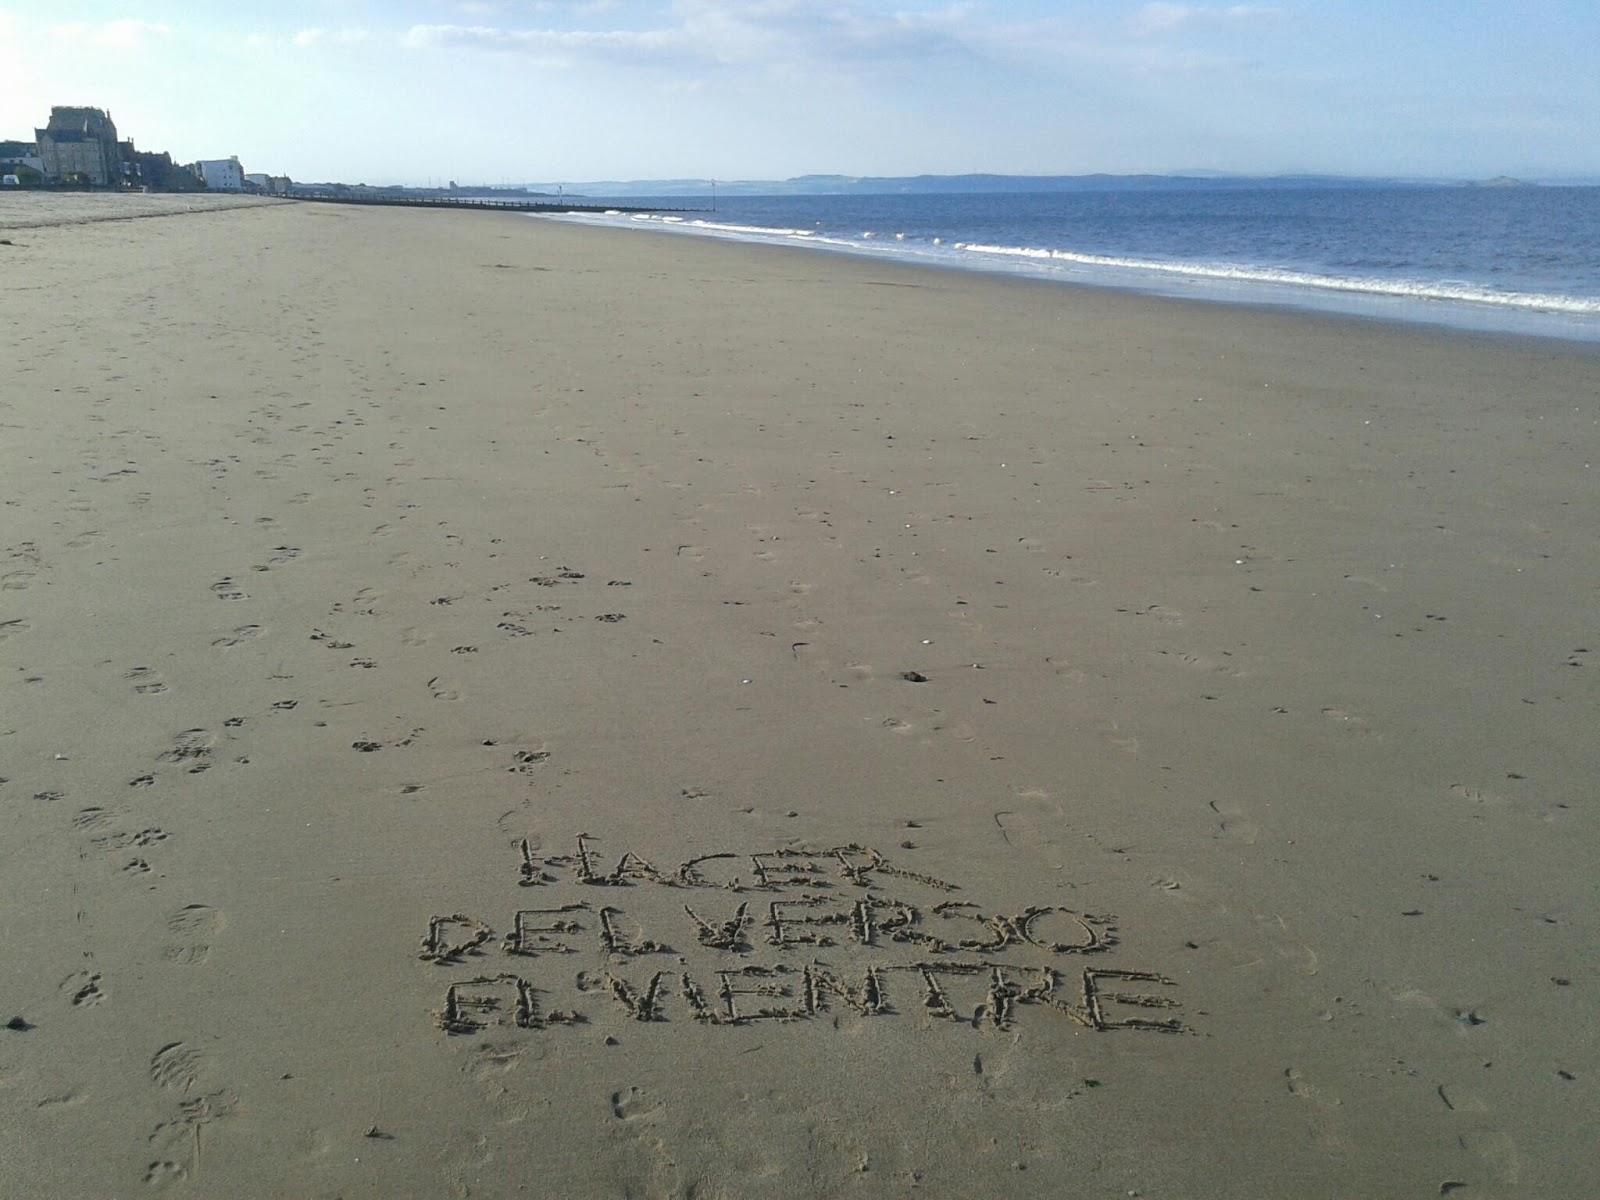 Te Amo Escrito En La Playa De Arena: El Verso Que Me Queda: Verso A Mares O Un Poemario En La